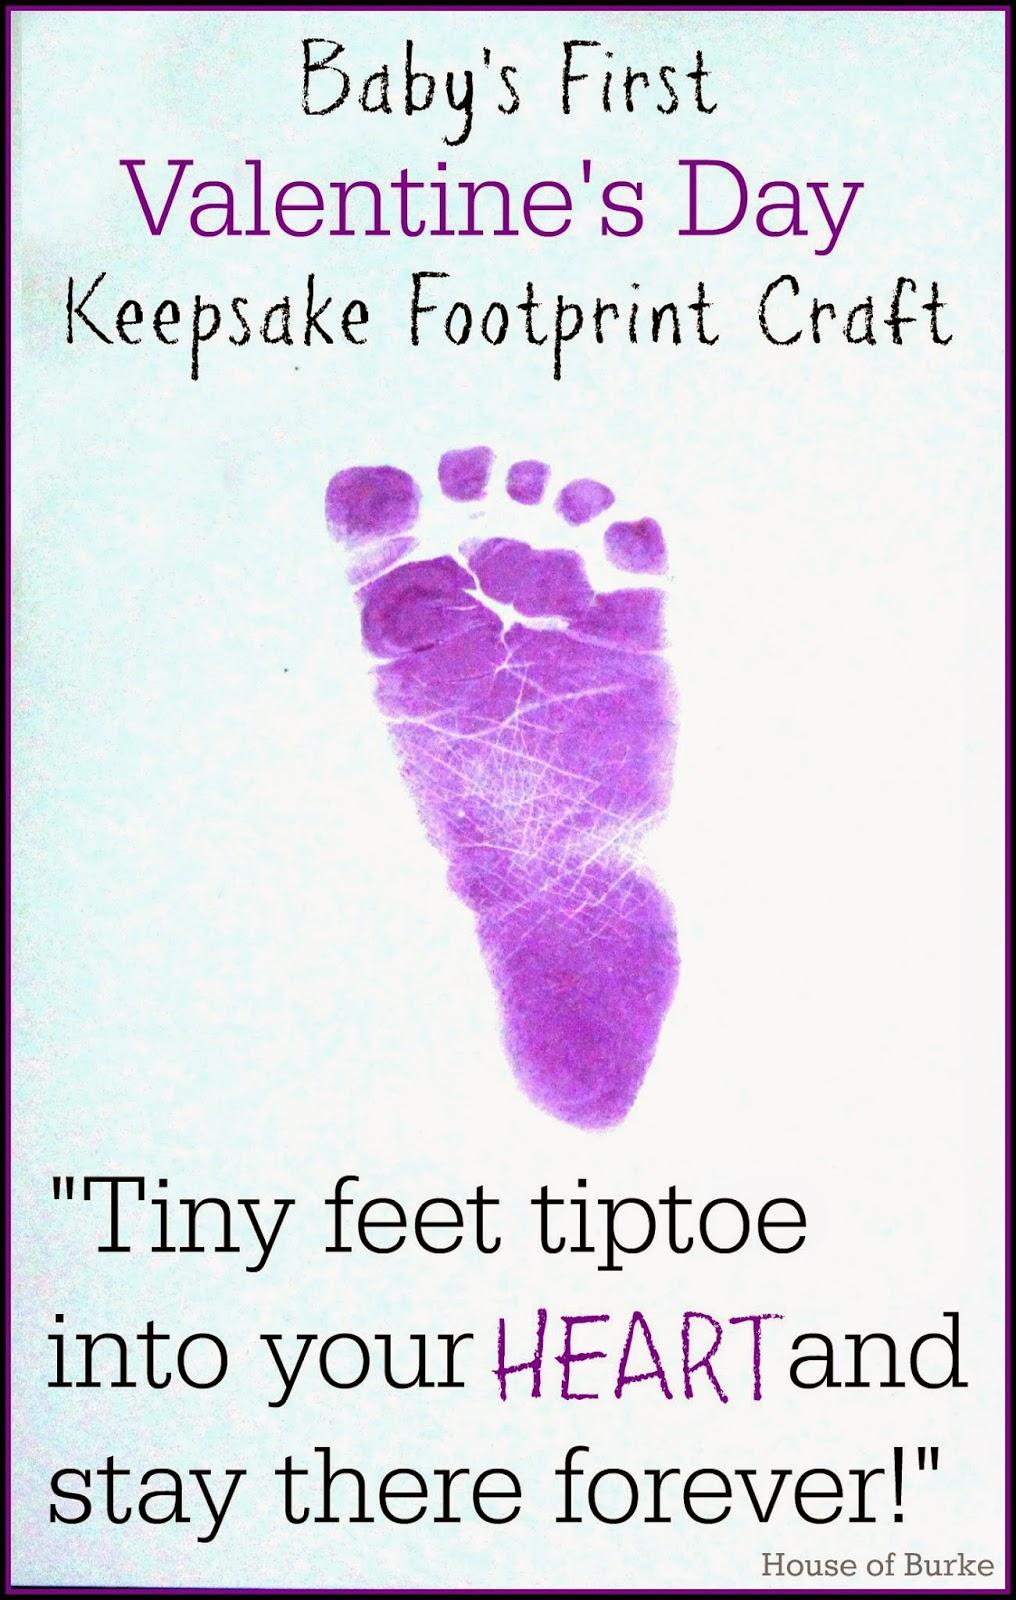 babys first valentines day keepsake footprint craft